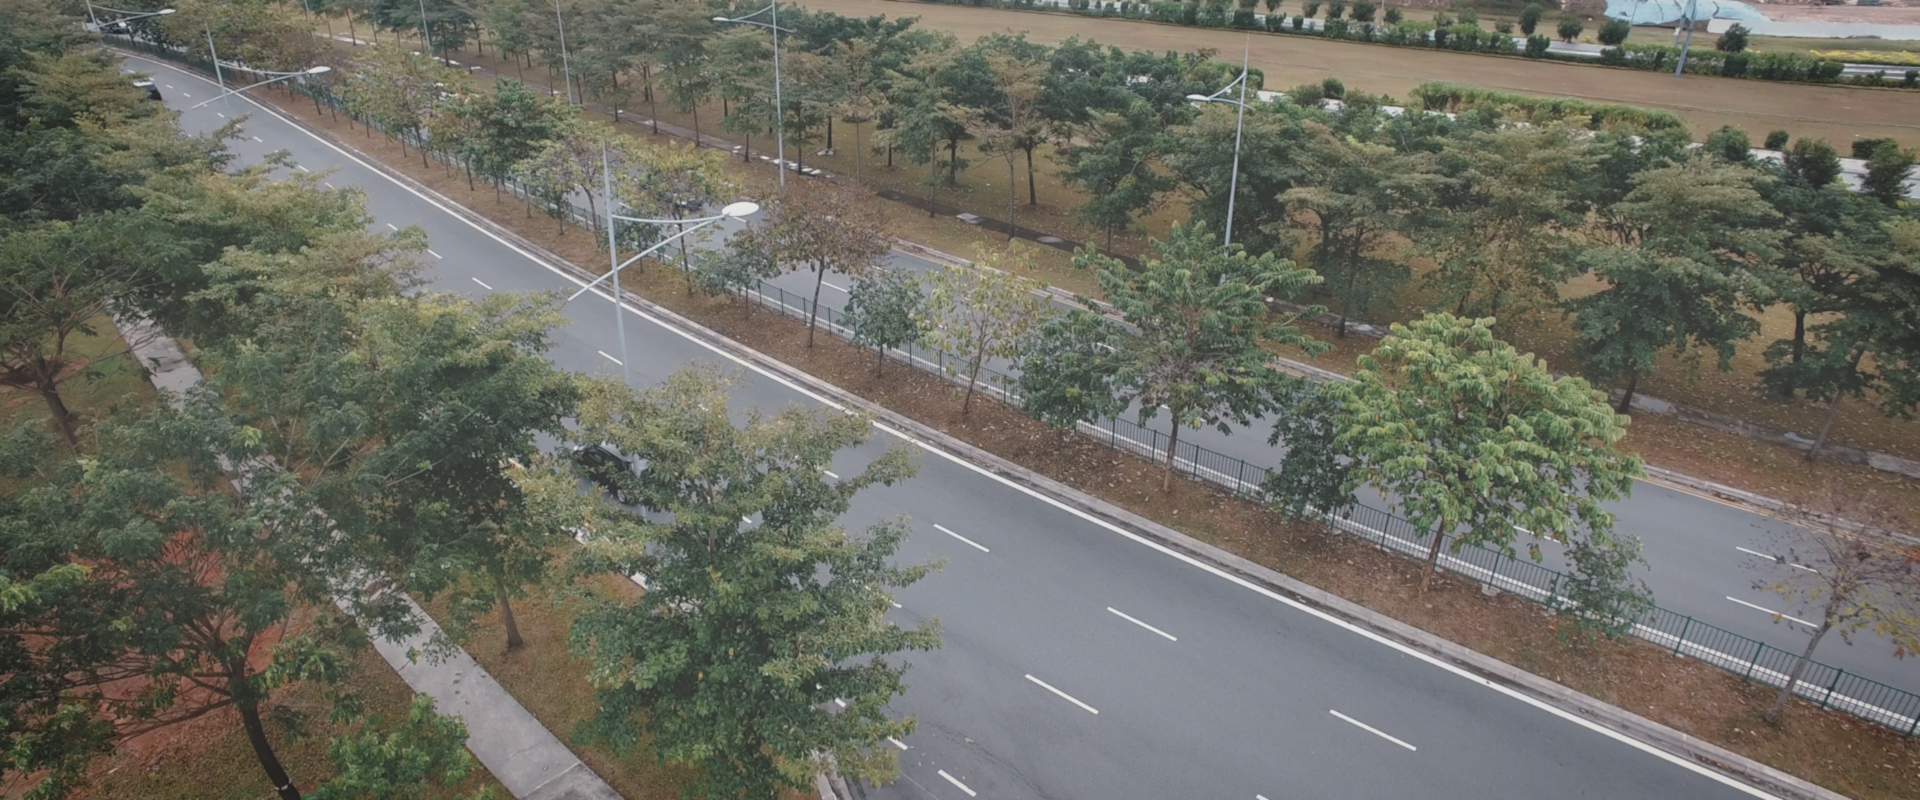 Aerial shot dji donald ong visuals